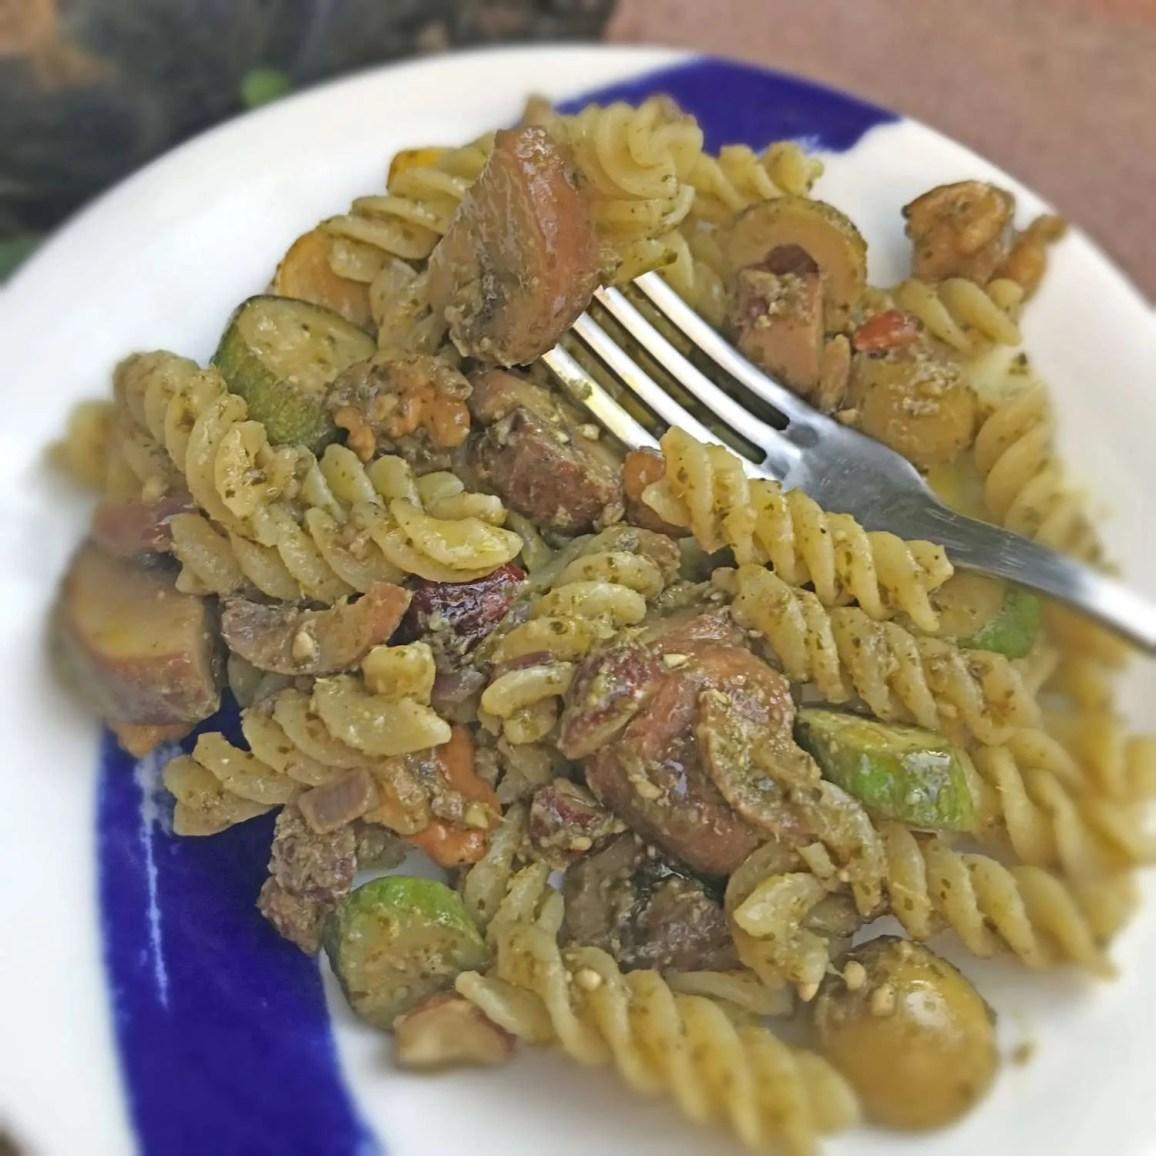 Vegan Pesto and Nut Pasta Sauce